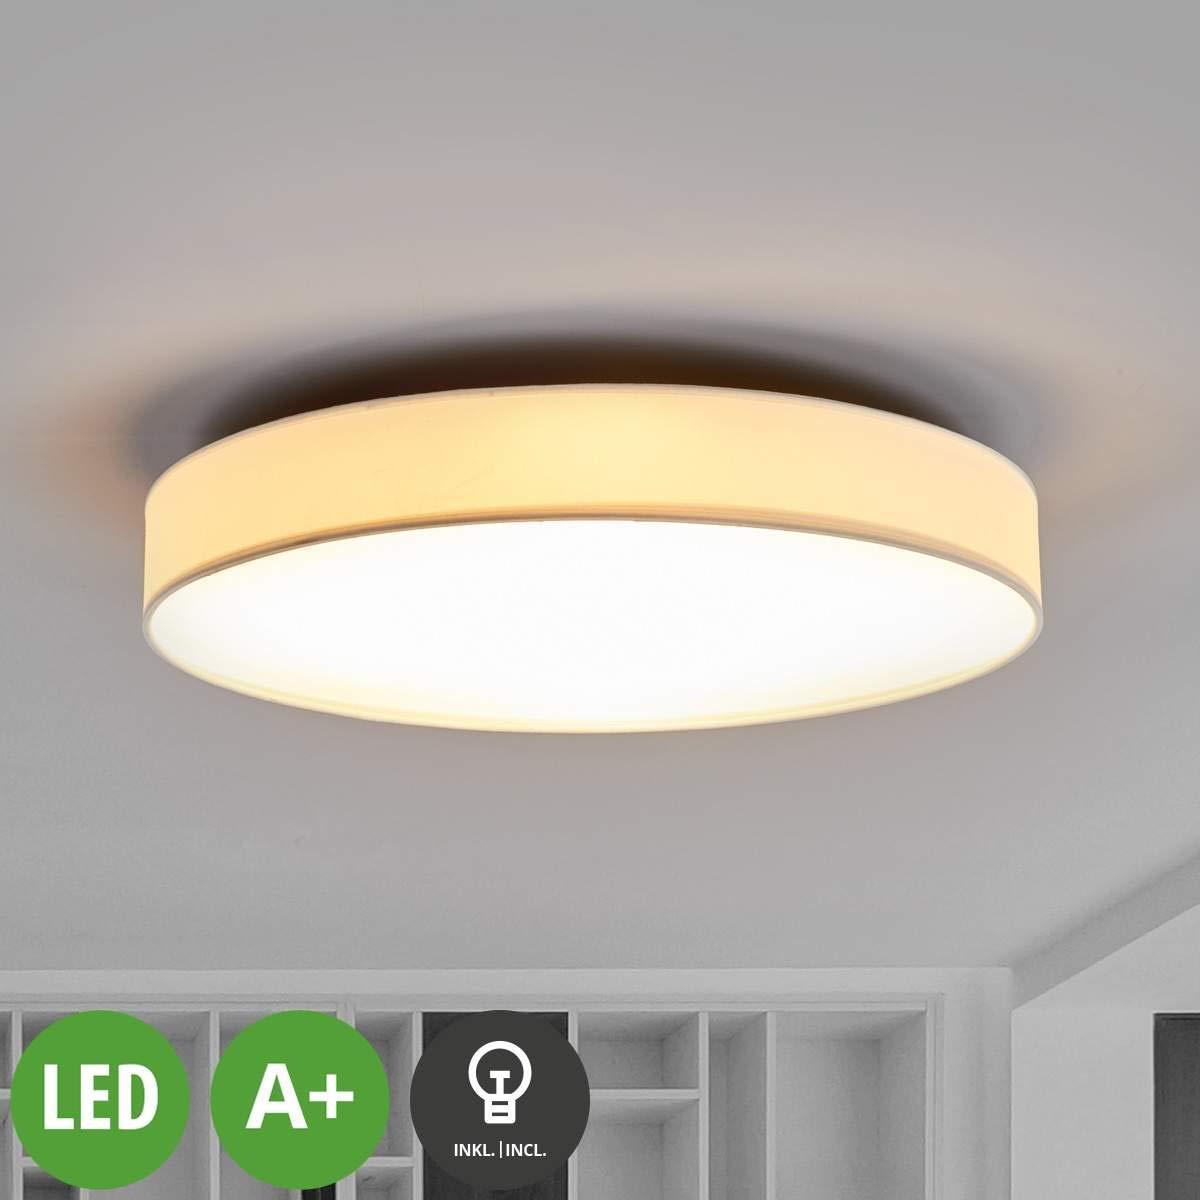 für Wohnzimmer & Esszimmer 6 flammig, A+, inkl. Leuchtmittel